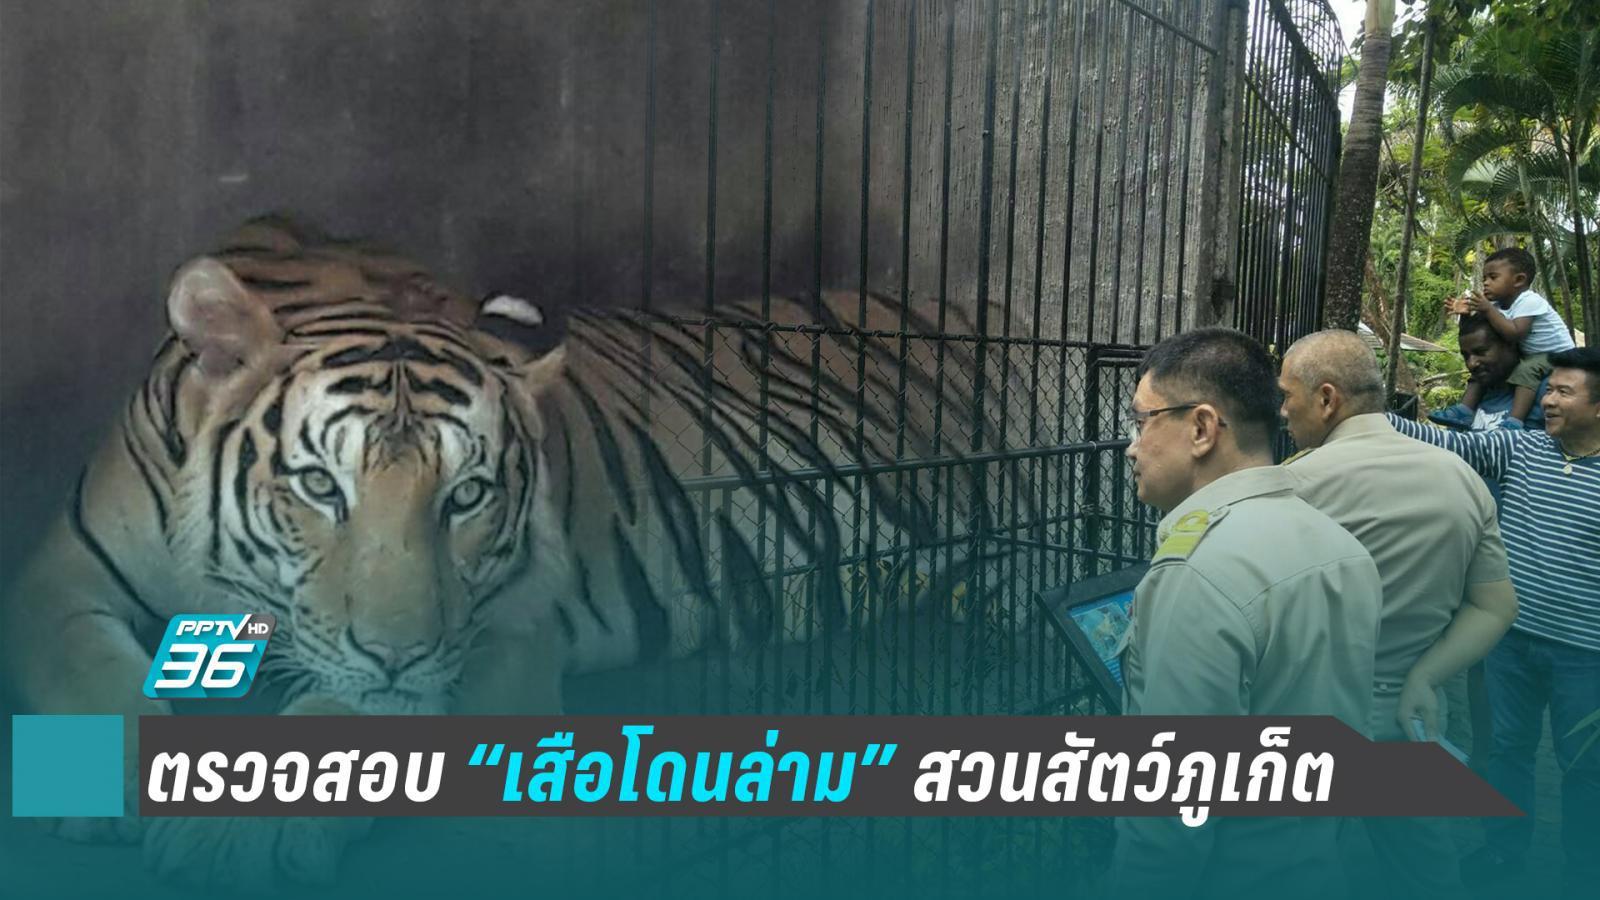 สวนสัตว์ภูเก็ต ปฏิเสธวางยาเสือโคร่ง อ้าง ล่ามโซ่ป้องกันอันตรายระหว่างถ่ายรูปคู่นักท่องเที่ยว